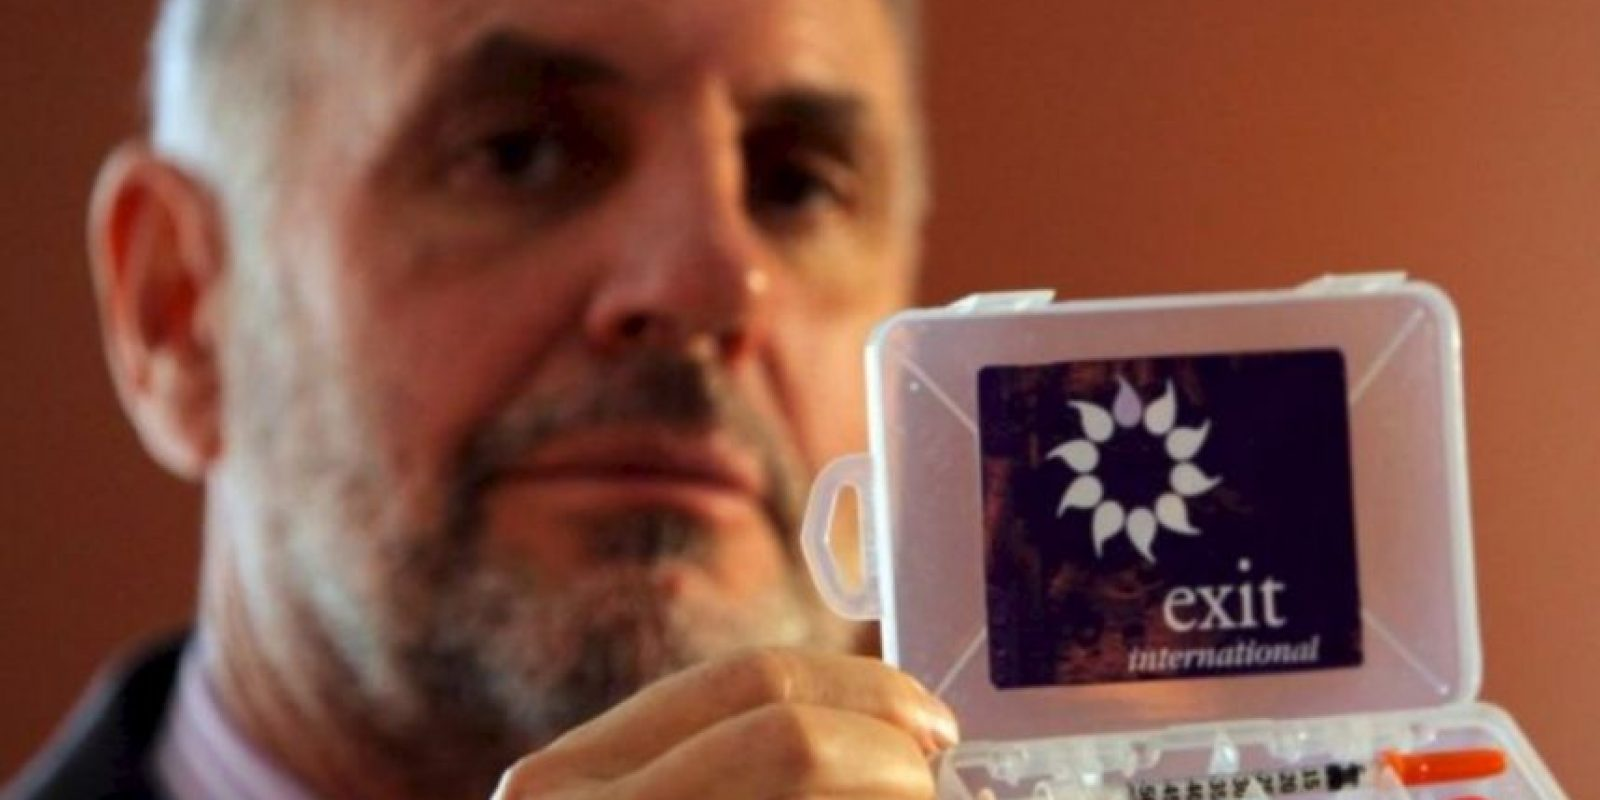 Ingirió un cóctel de somníferos y las imágenes fueron televisadas por la cadena Sky Television como parte de un documental Foto:Getty Images